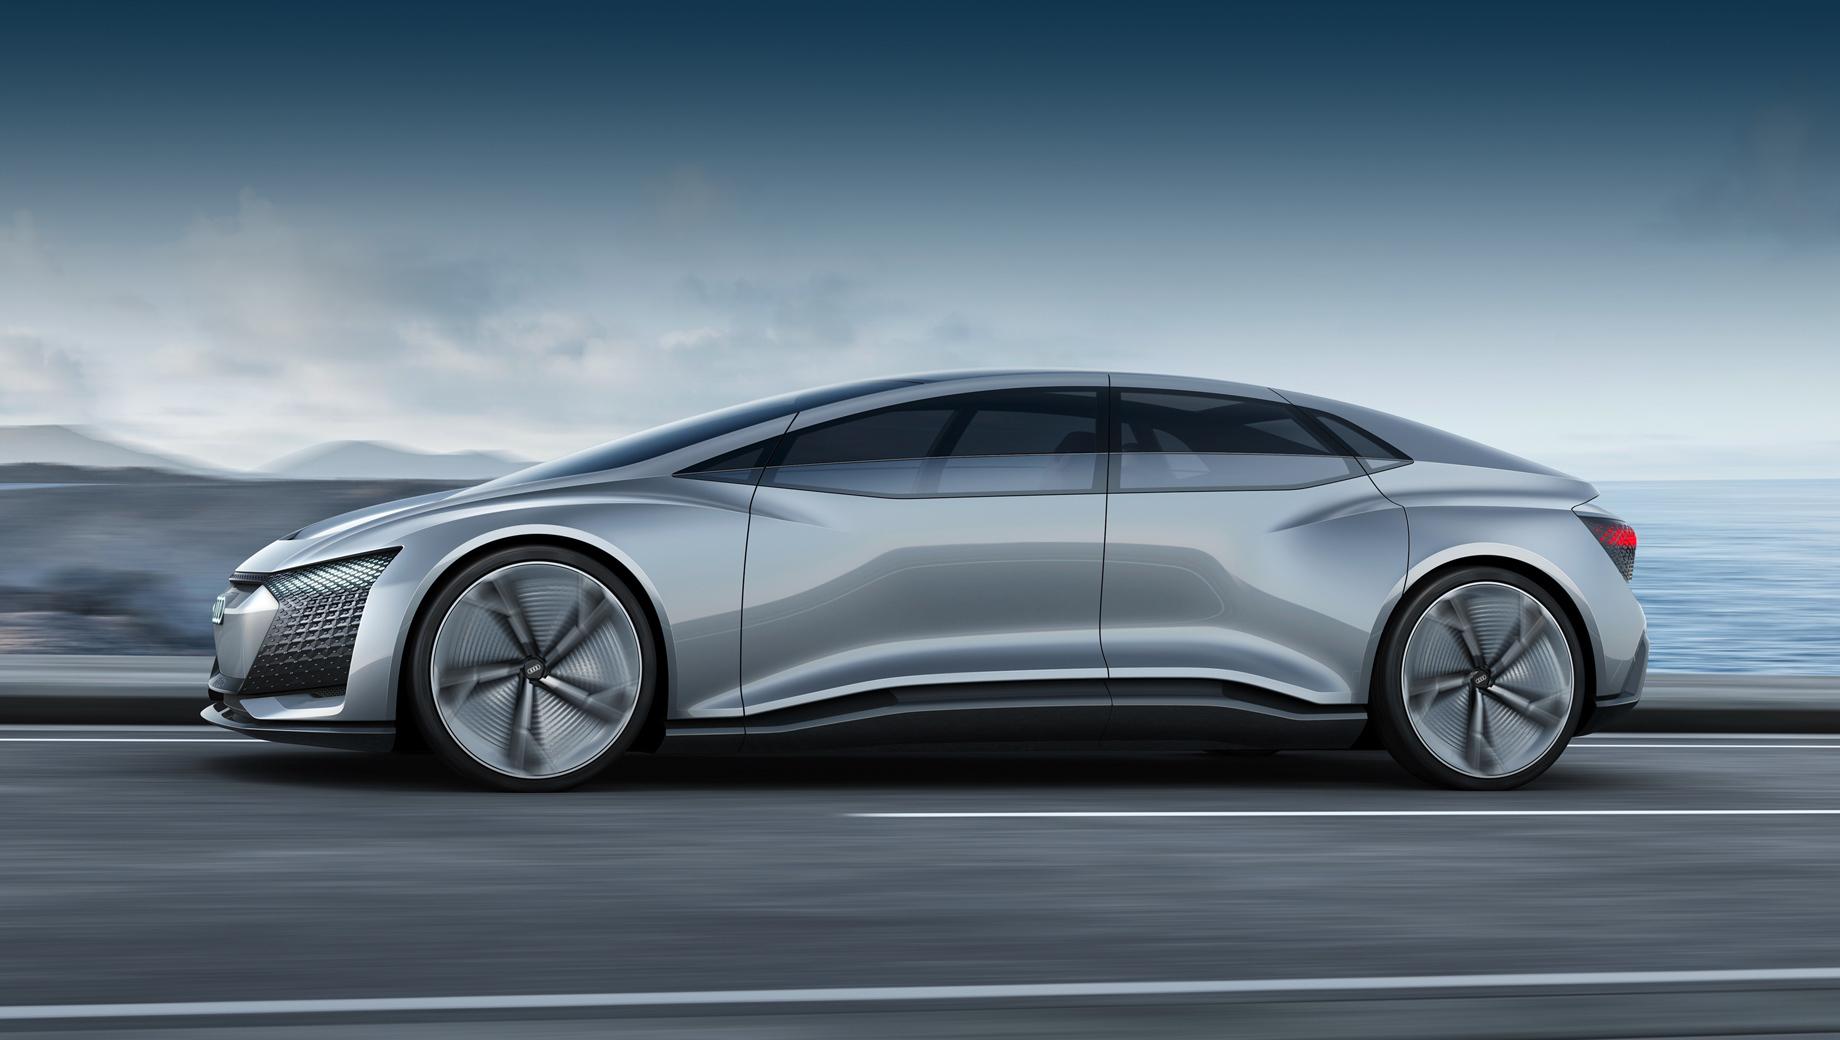 Audi a9,Audi a9 etron. Электрокар с индексом A9 будет черпать вдохновение в концепте Audi Aicon 2017 года, с поправкой на время, конечно.